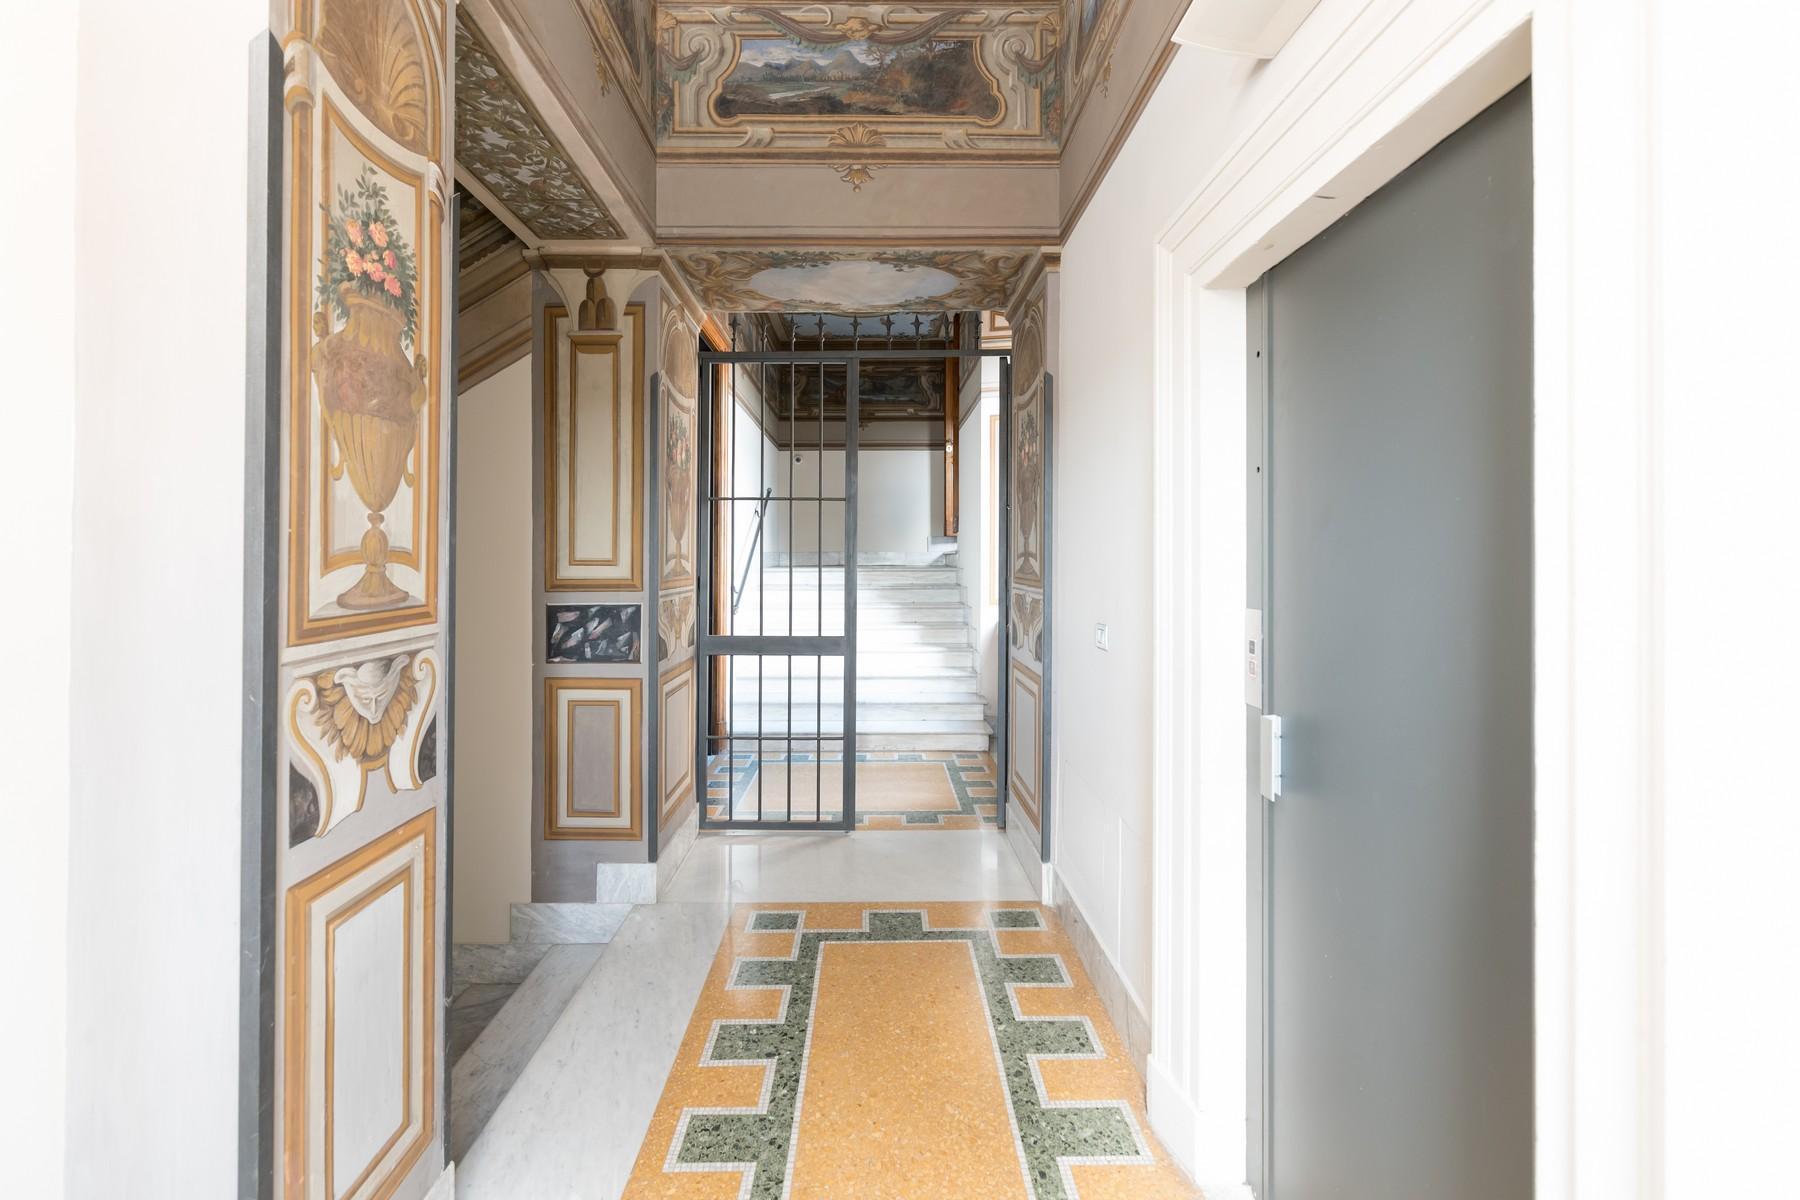 位于著名的Brasini别墅内的优雅的公寓 - 12